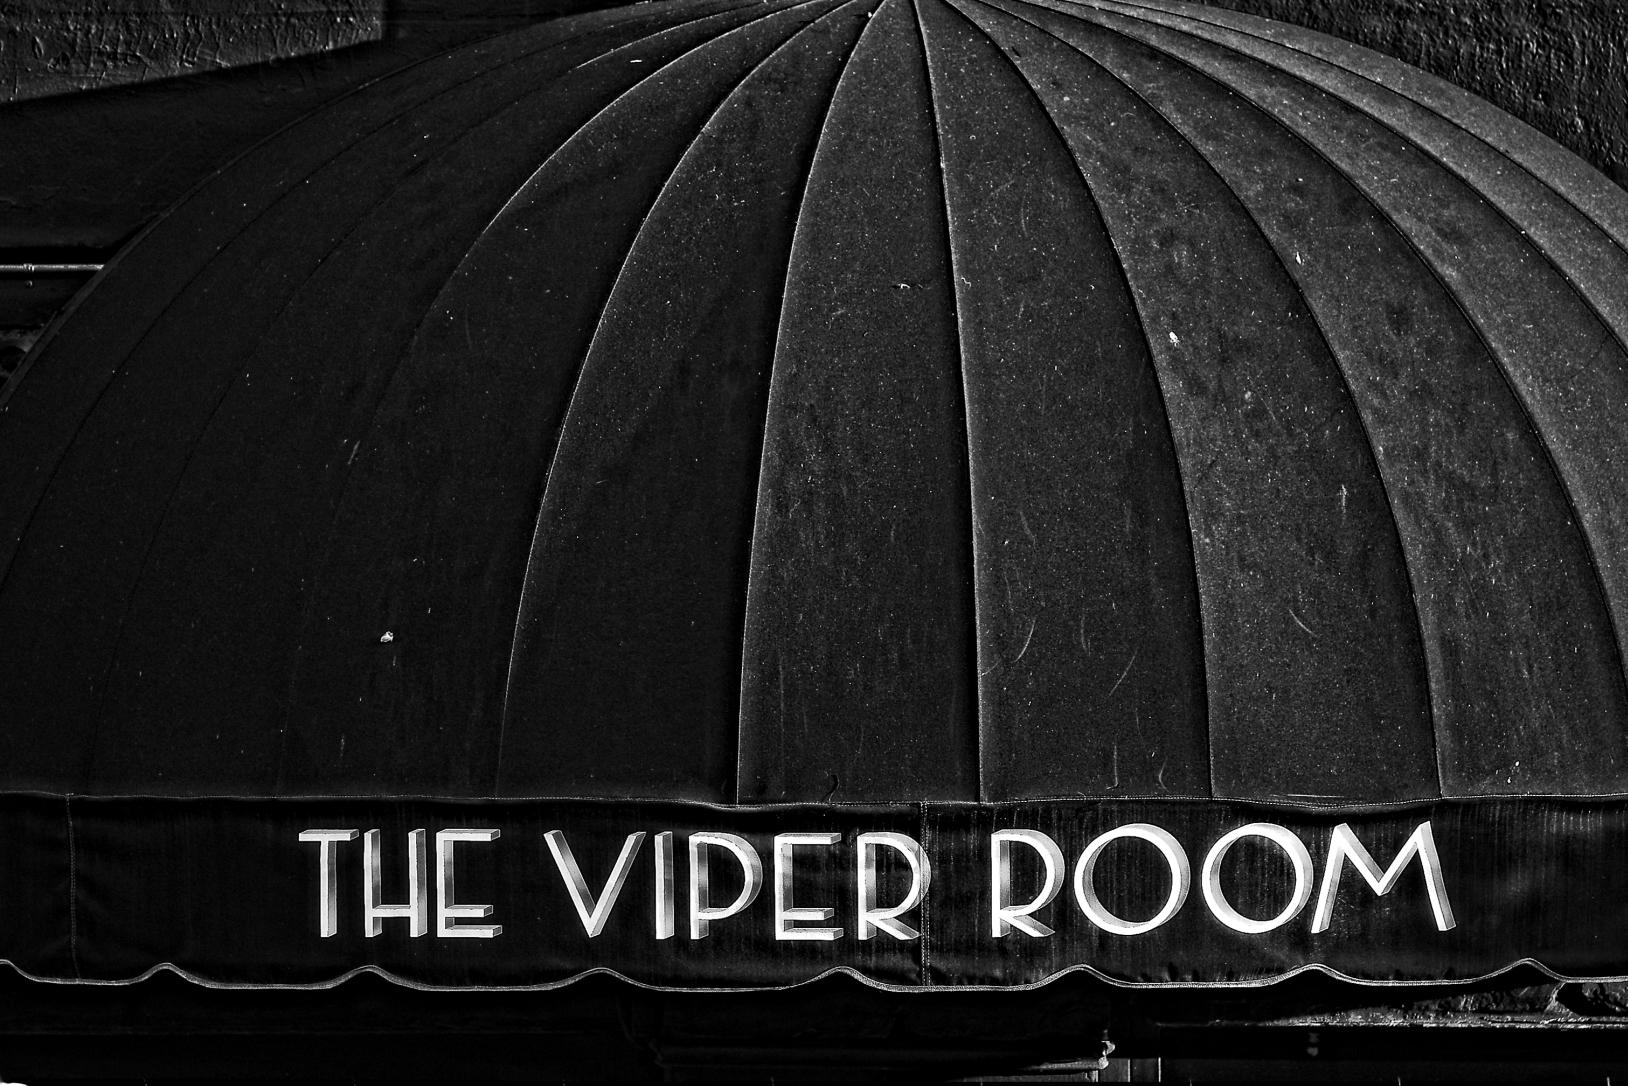 Der Club war ehemals im Besitz von Johnny Depp (Foto: Christian Düringer)